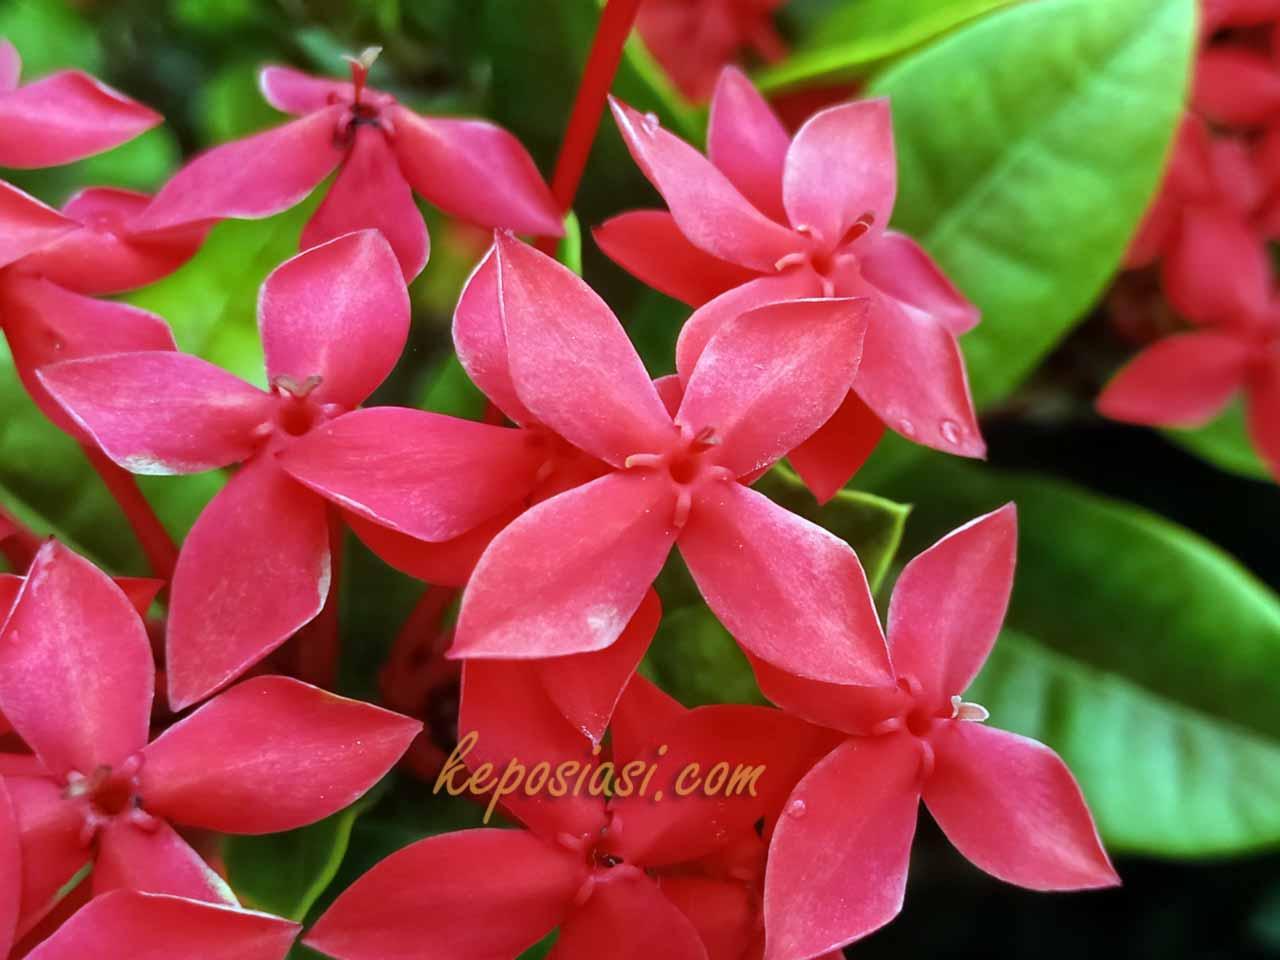 Bunga Asoka Si Cantik Wangi Penghibur Hati Yang Sedih